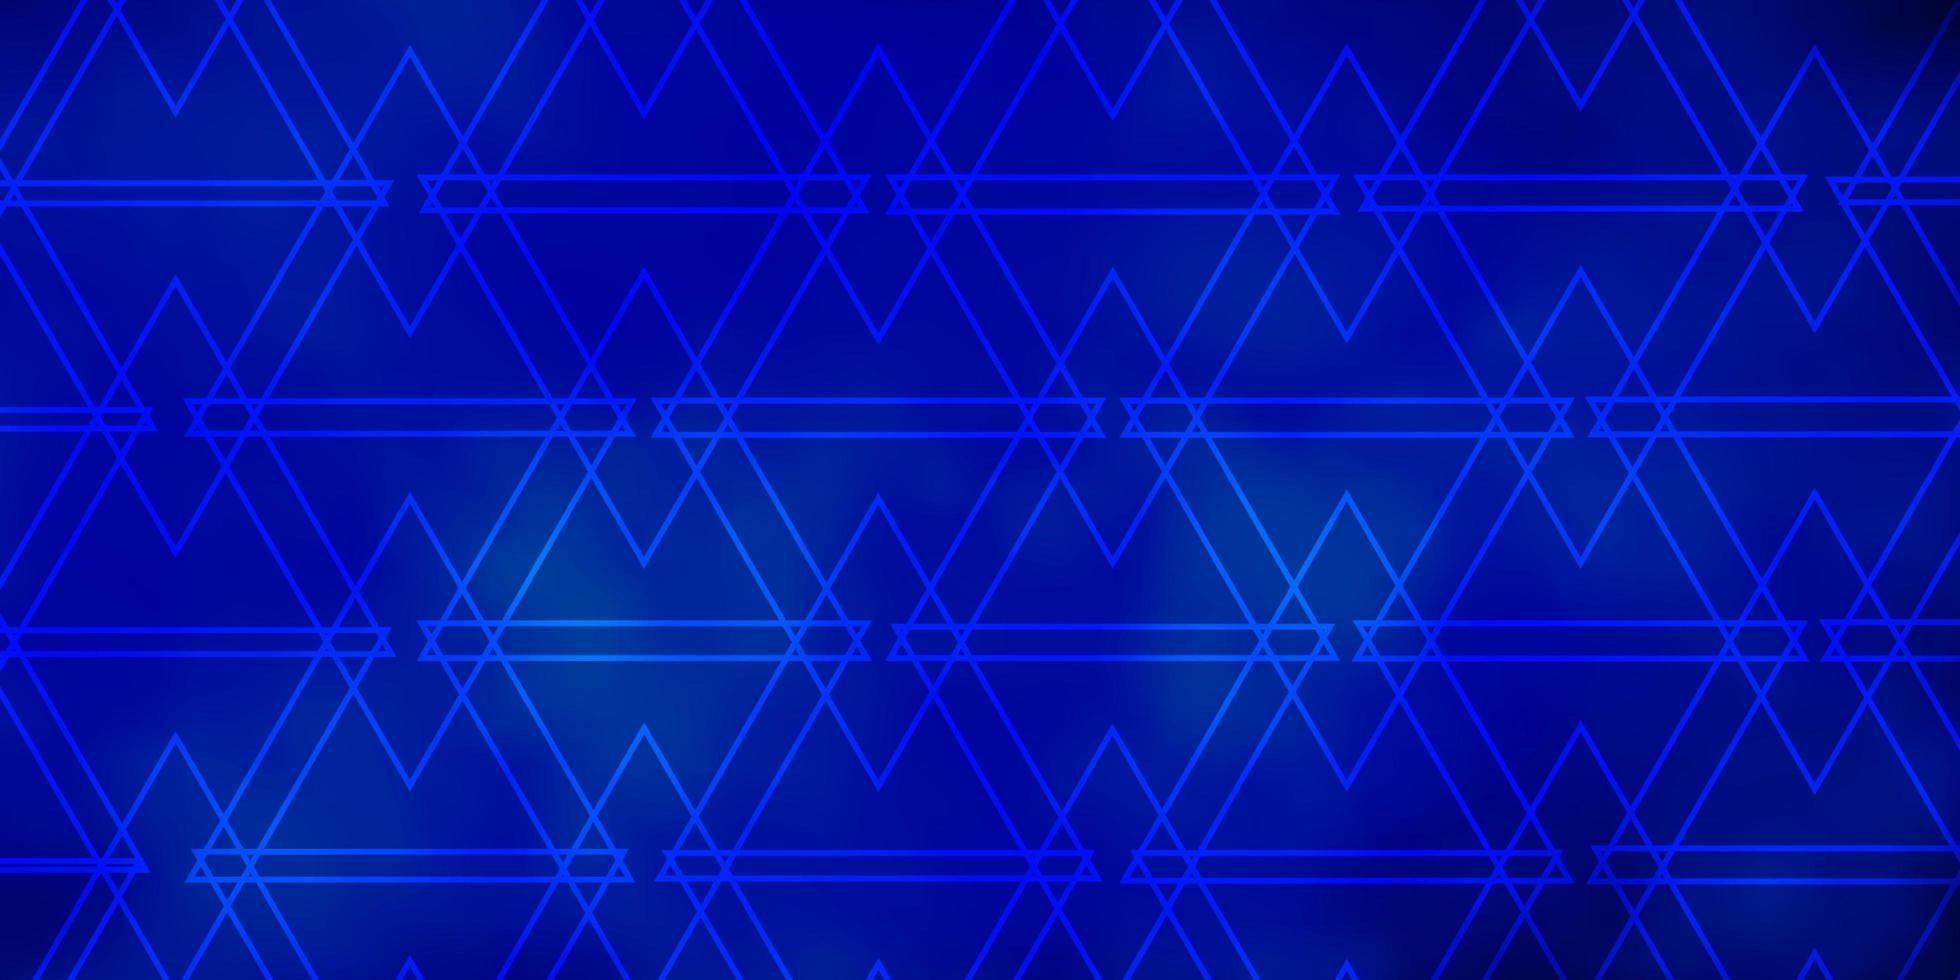 donkerblauwe vectorlay-out met lijnen, driehoeken. vector